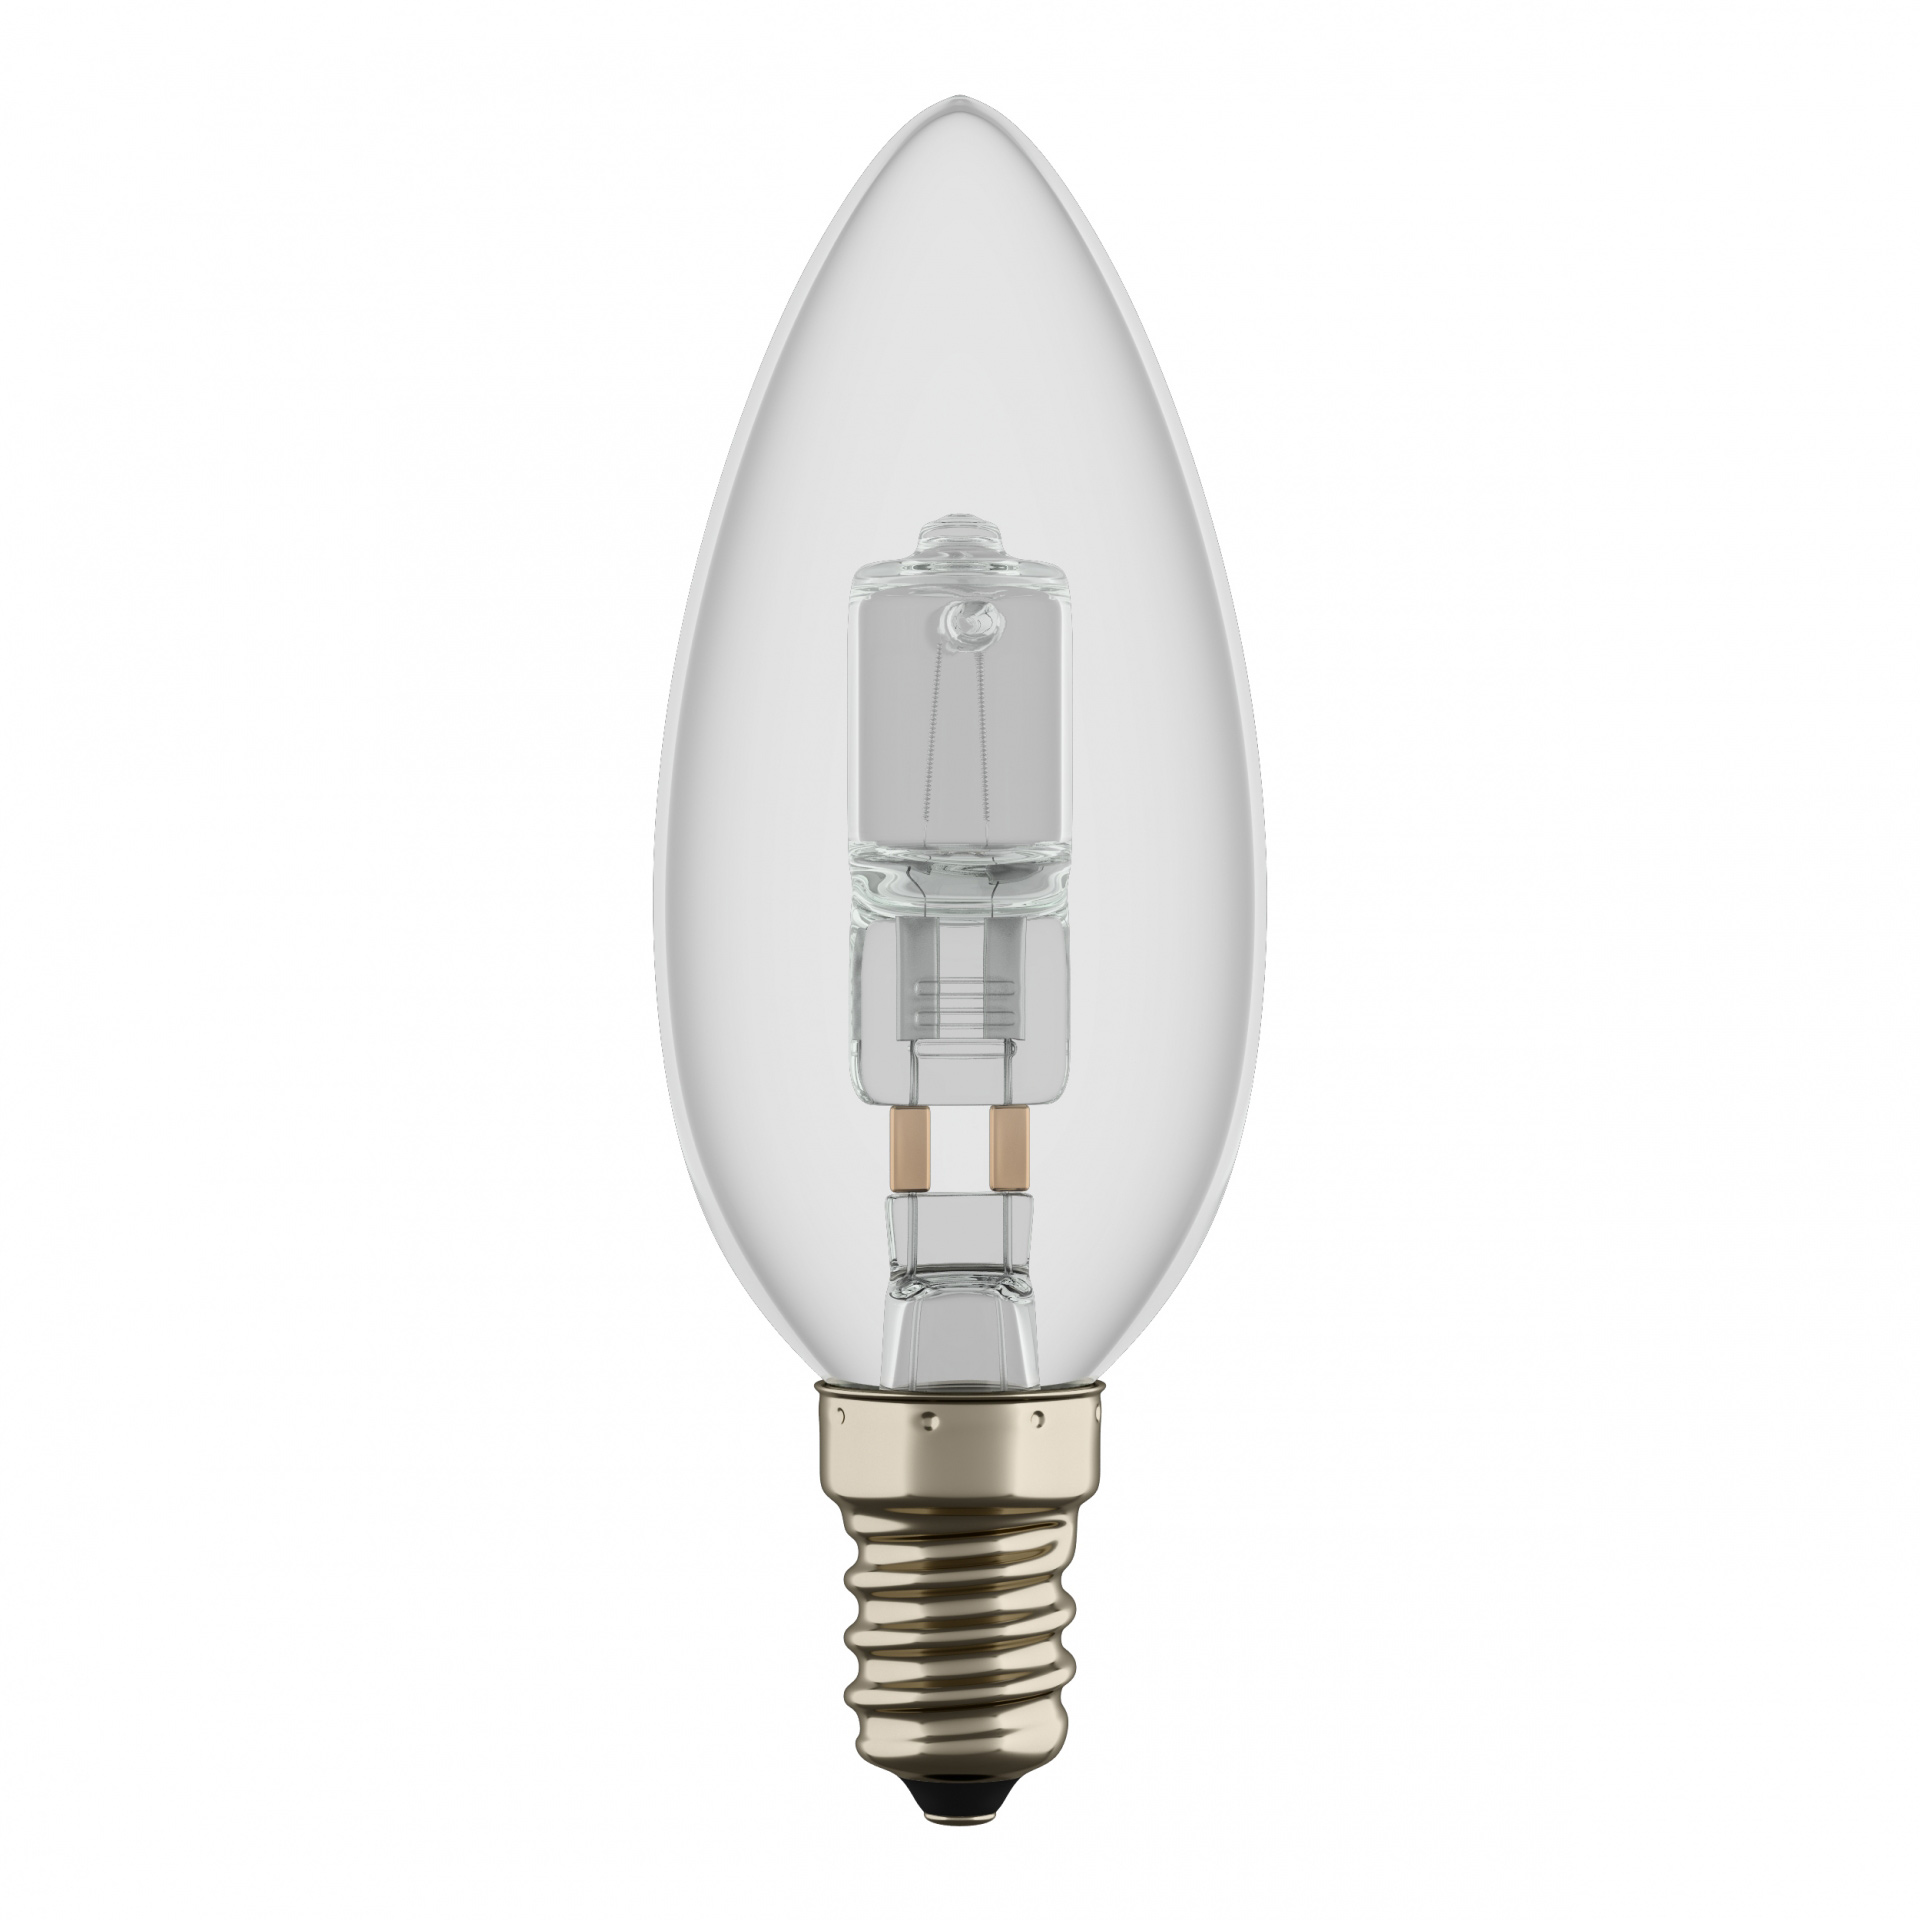 Лампа HAL 220V C35 E14 28W=40W ES RA100 2800K 2000H DIMM Lightstar 922940, купить в СПб, Москве, с доставкой, Санкт-Петербург, интернет-магазин люстр и светильников Starlight, фото в жизни